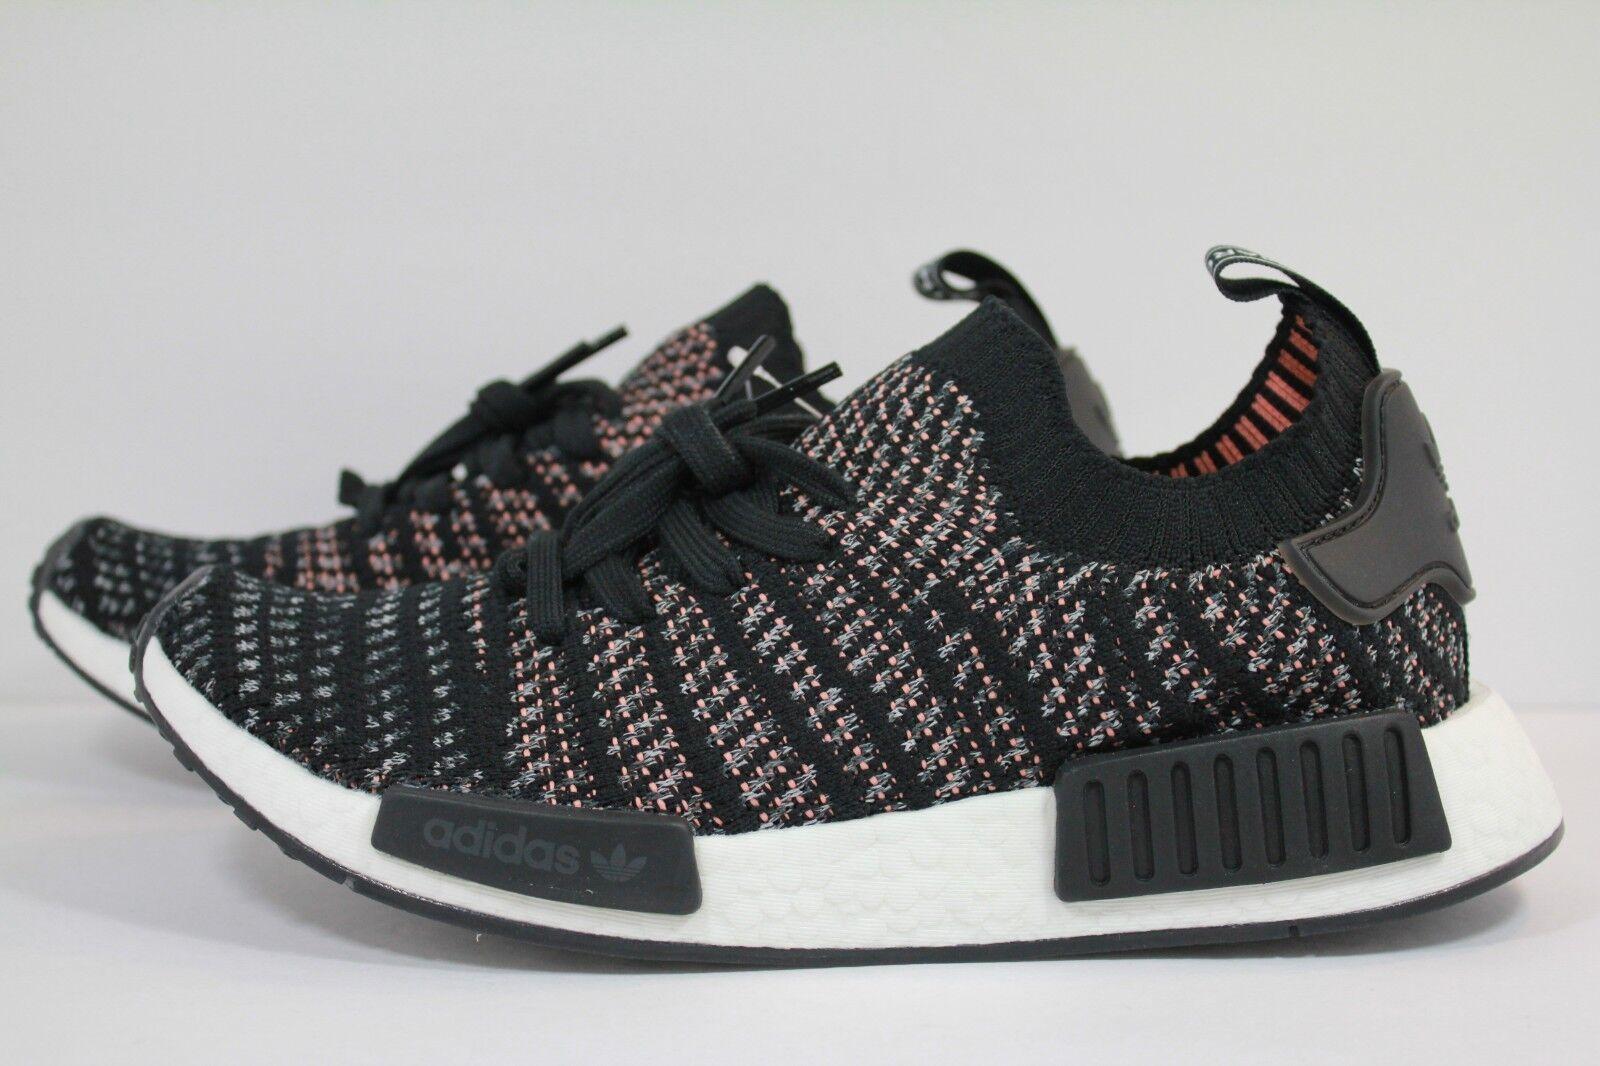 Adidas nmd_r1 stlt fünf primeknit schwarz / grau / graue fünf stlt b37636 zwei 567724